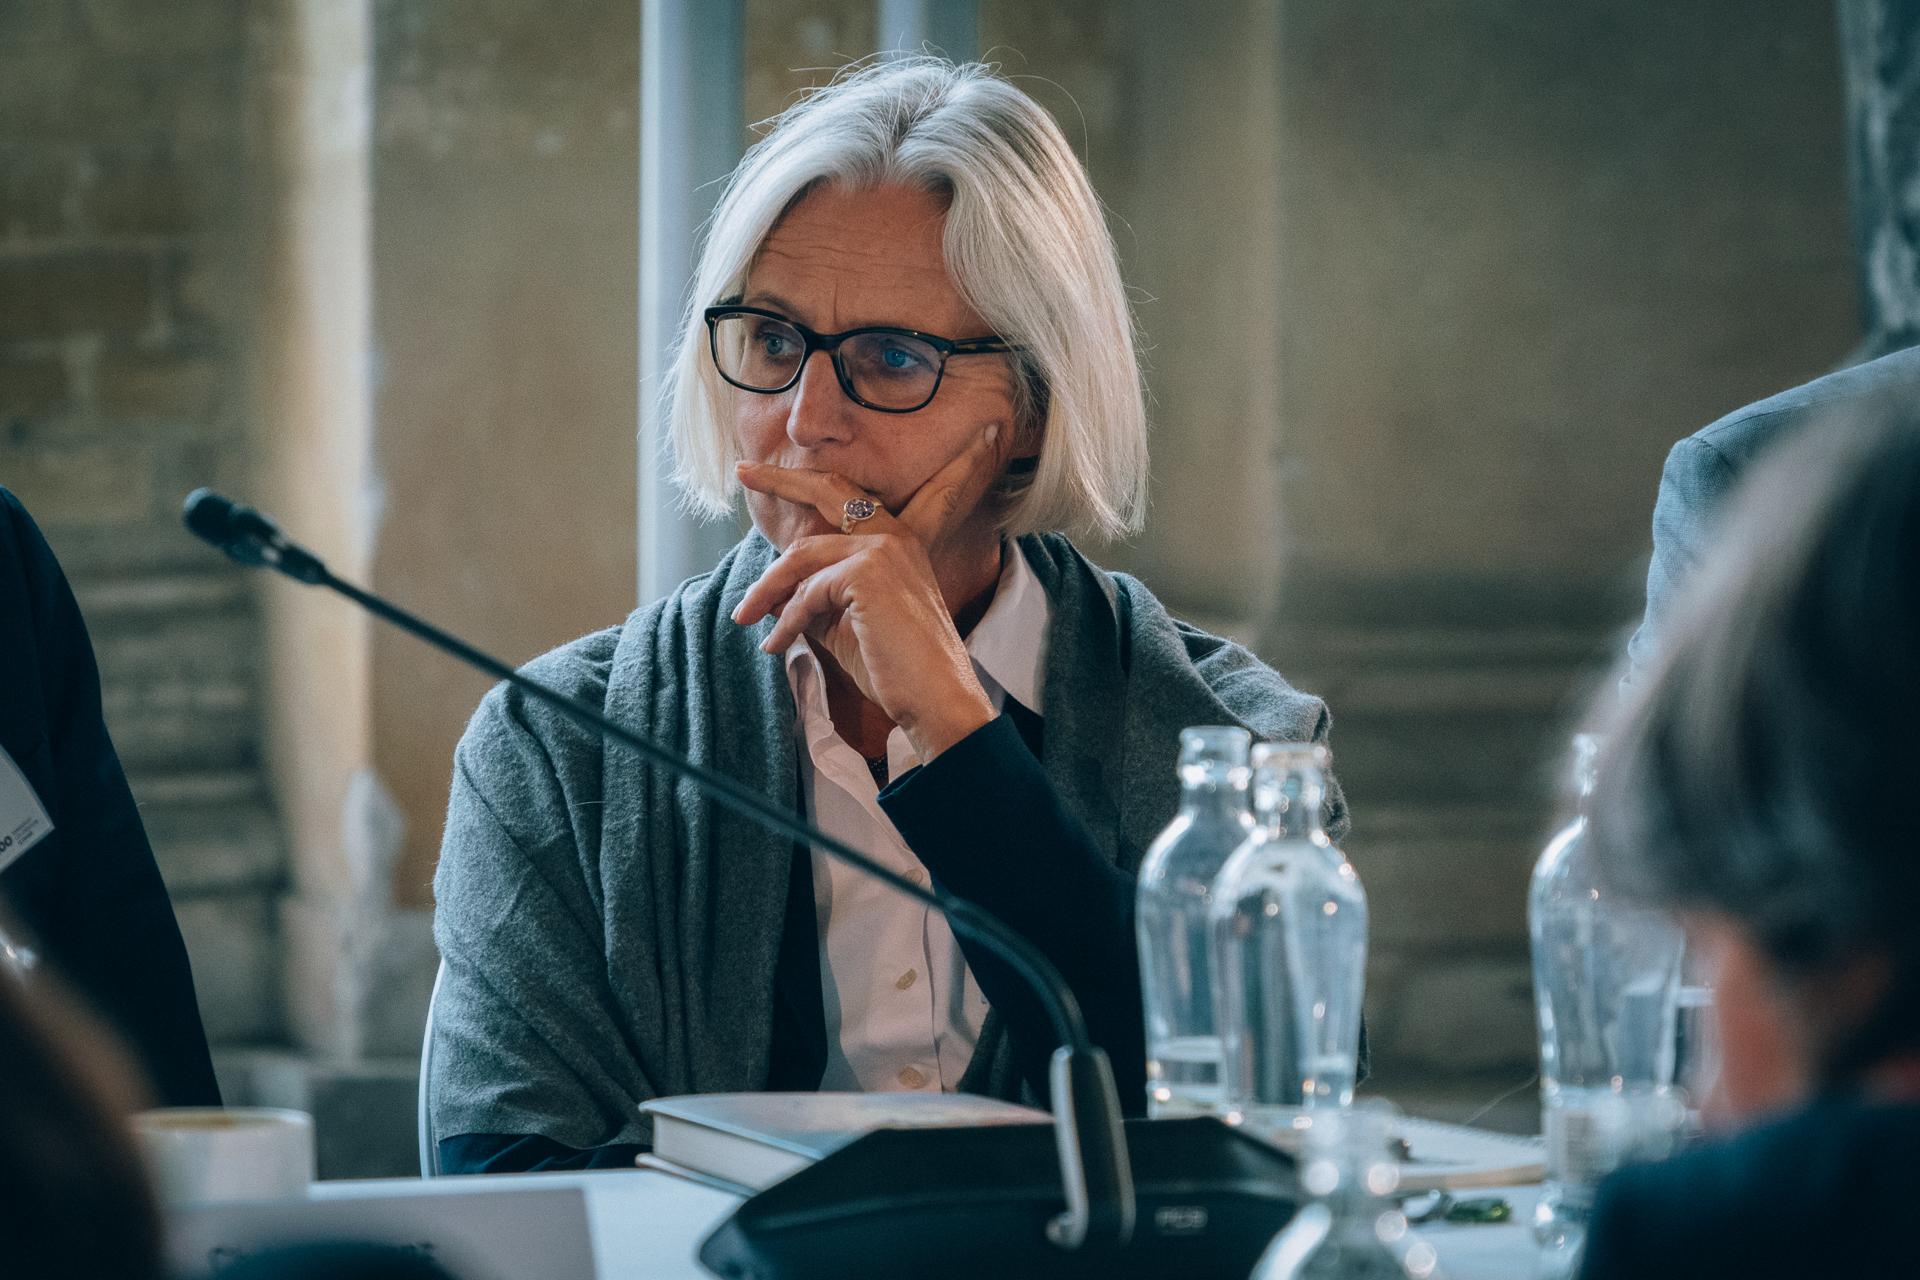 Christiane Hoffmann, Der Spiegel